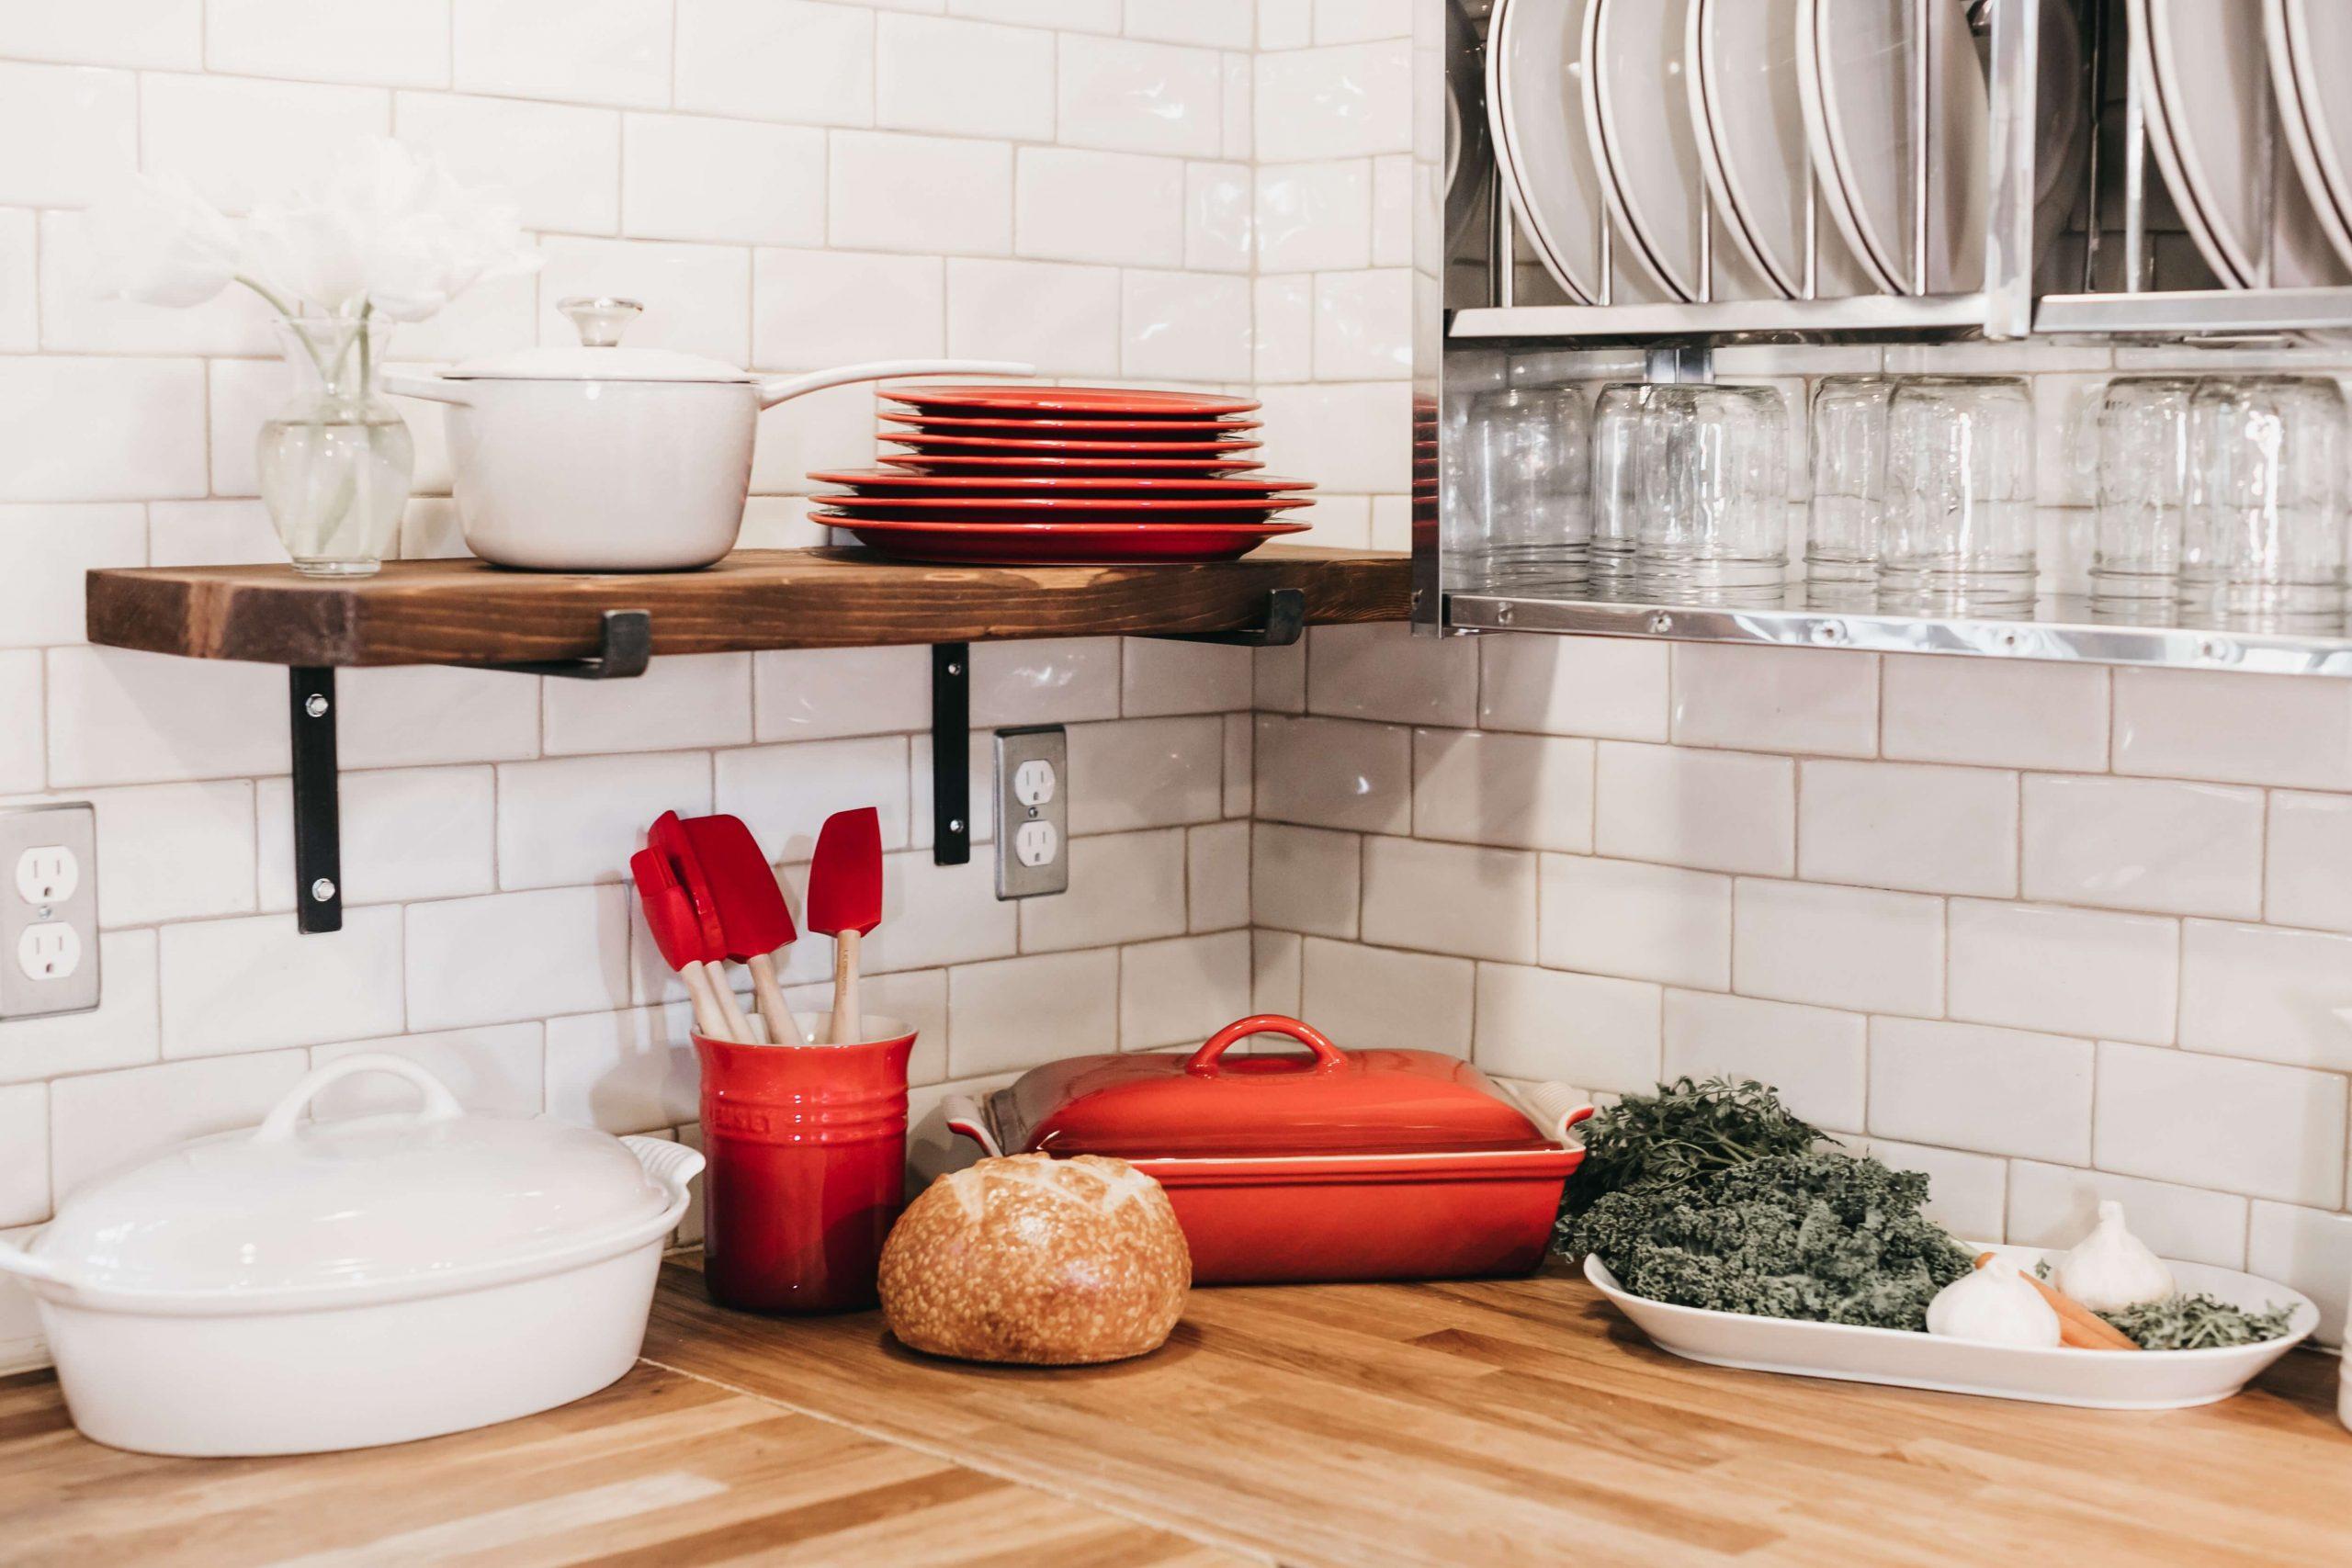 Comment Nettoyer Evier Resine Blanc comment nettoyer une cuisine en bois encrassée? - blog de